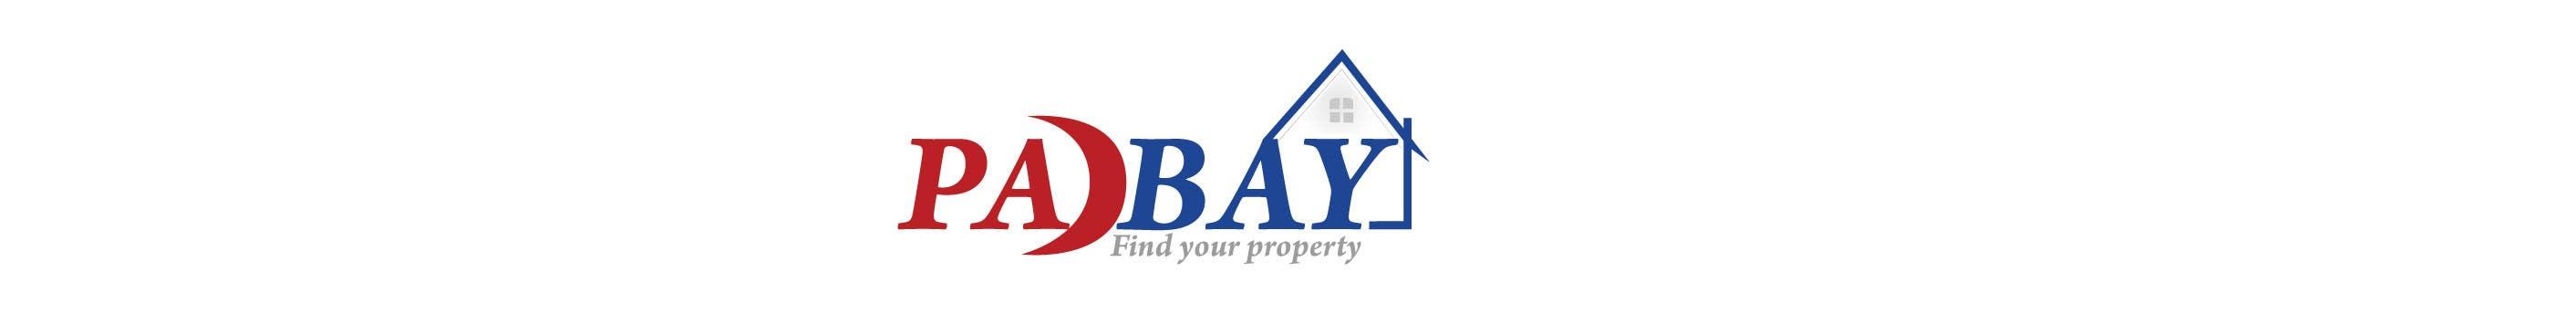 Kilpailutyö #140 kilpailussa Logo Design for PadBay